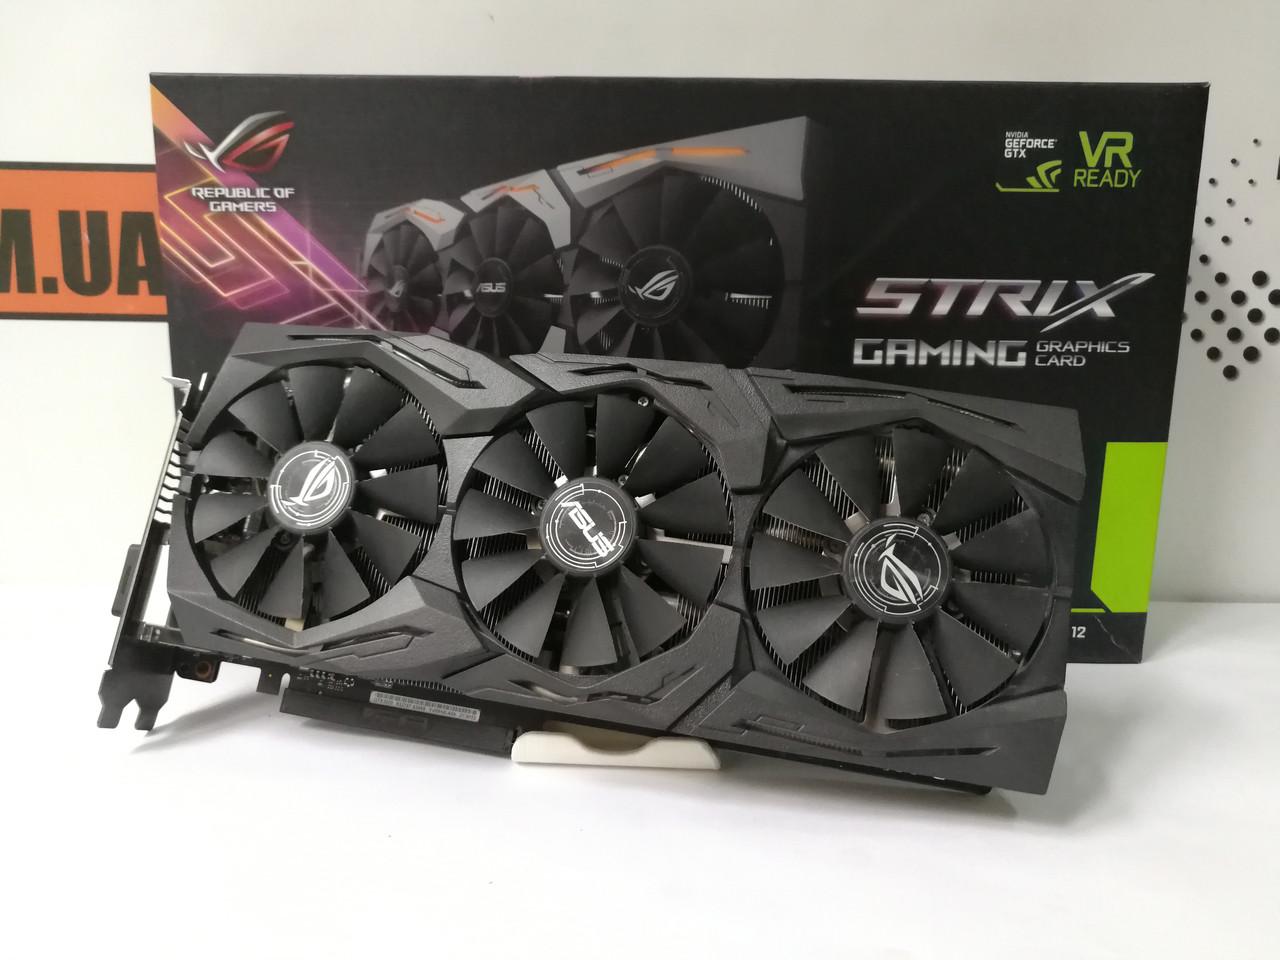 Видеокарта Asus ROG Strix GeForce GTX 1070 8GB GDDR5 256bit, гарантия!